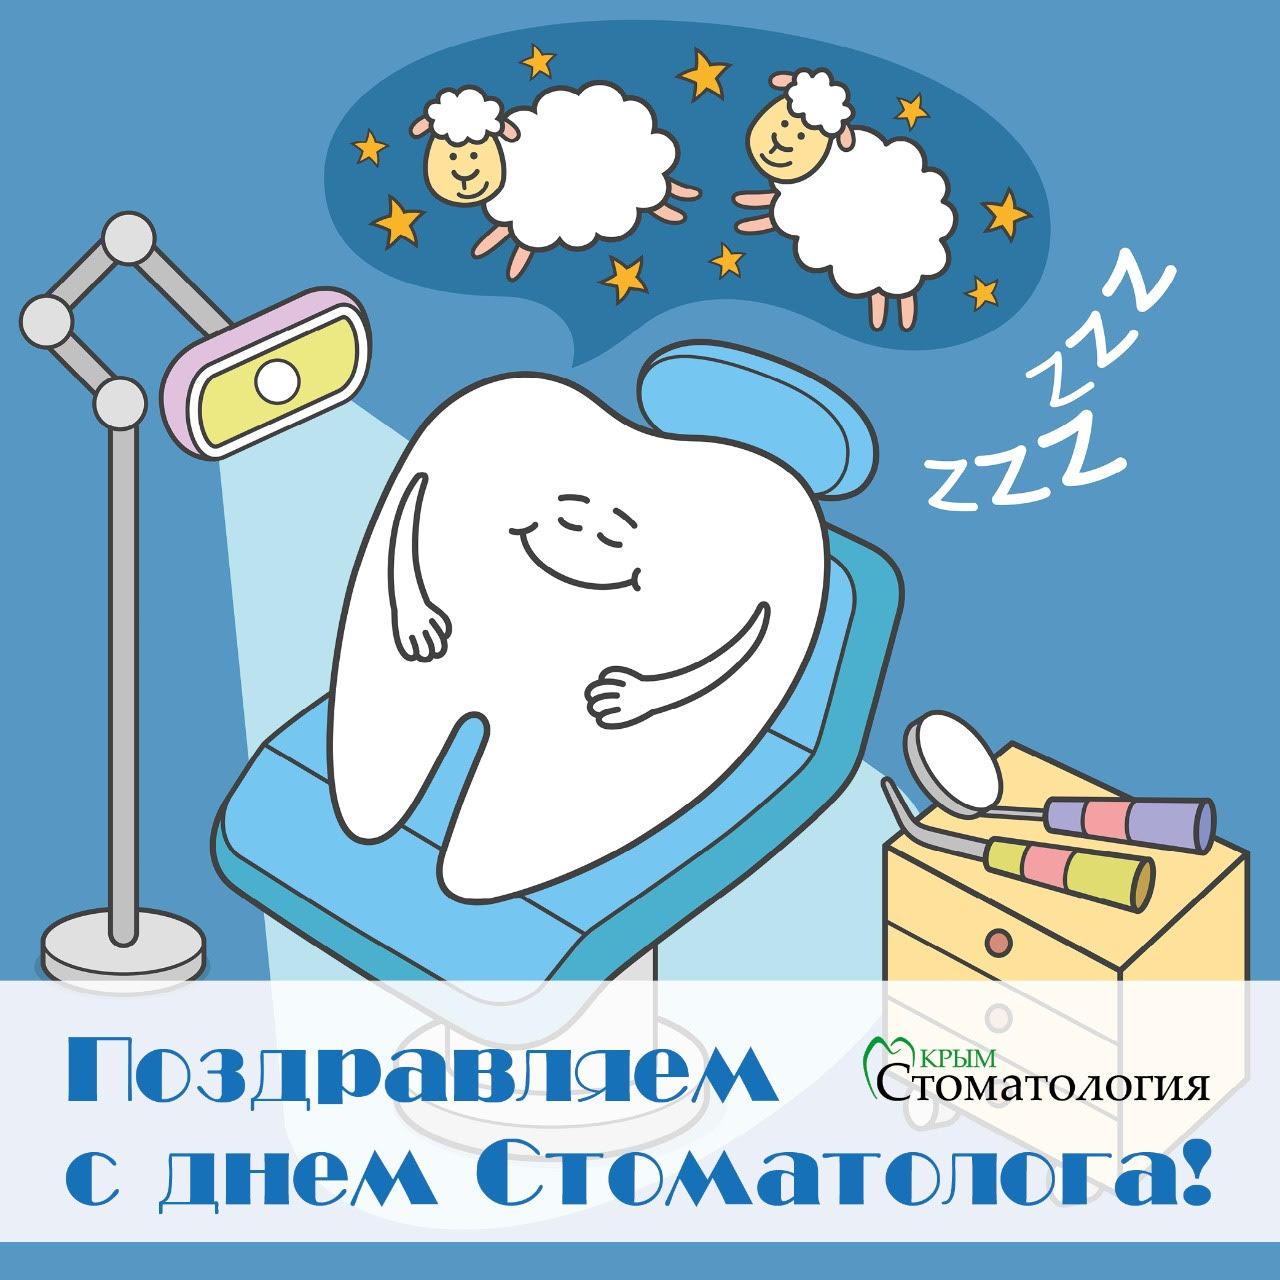 Поздравляем с Днем Стоматолога